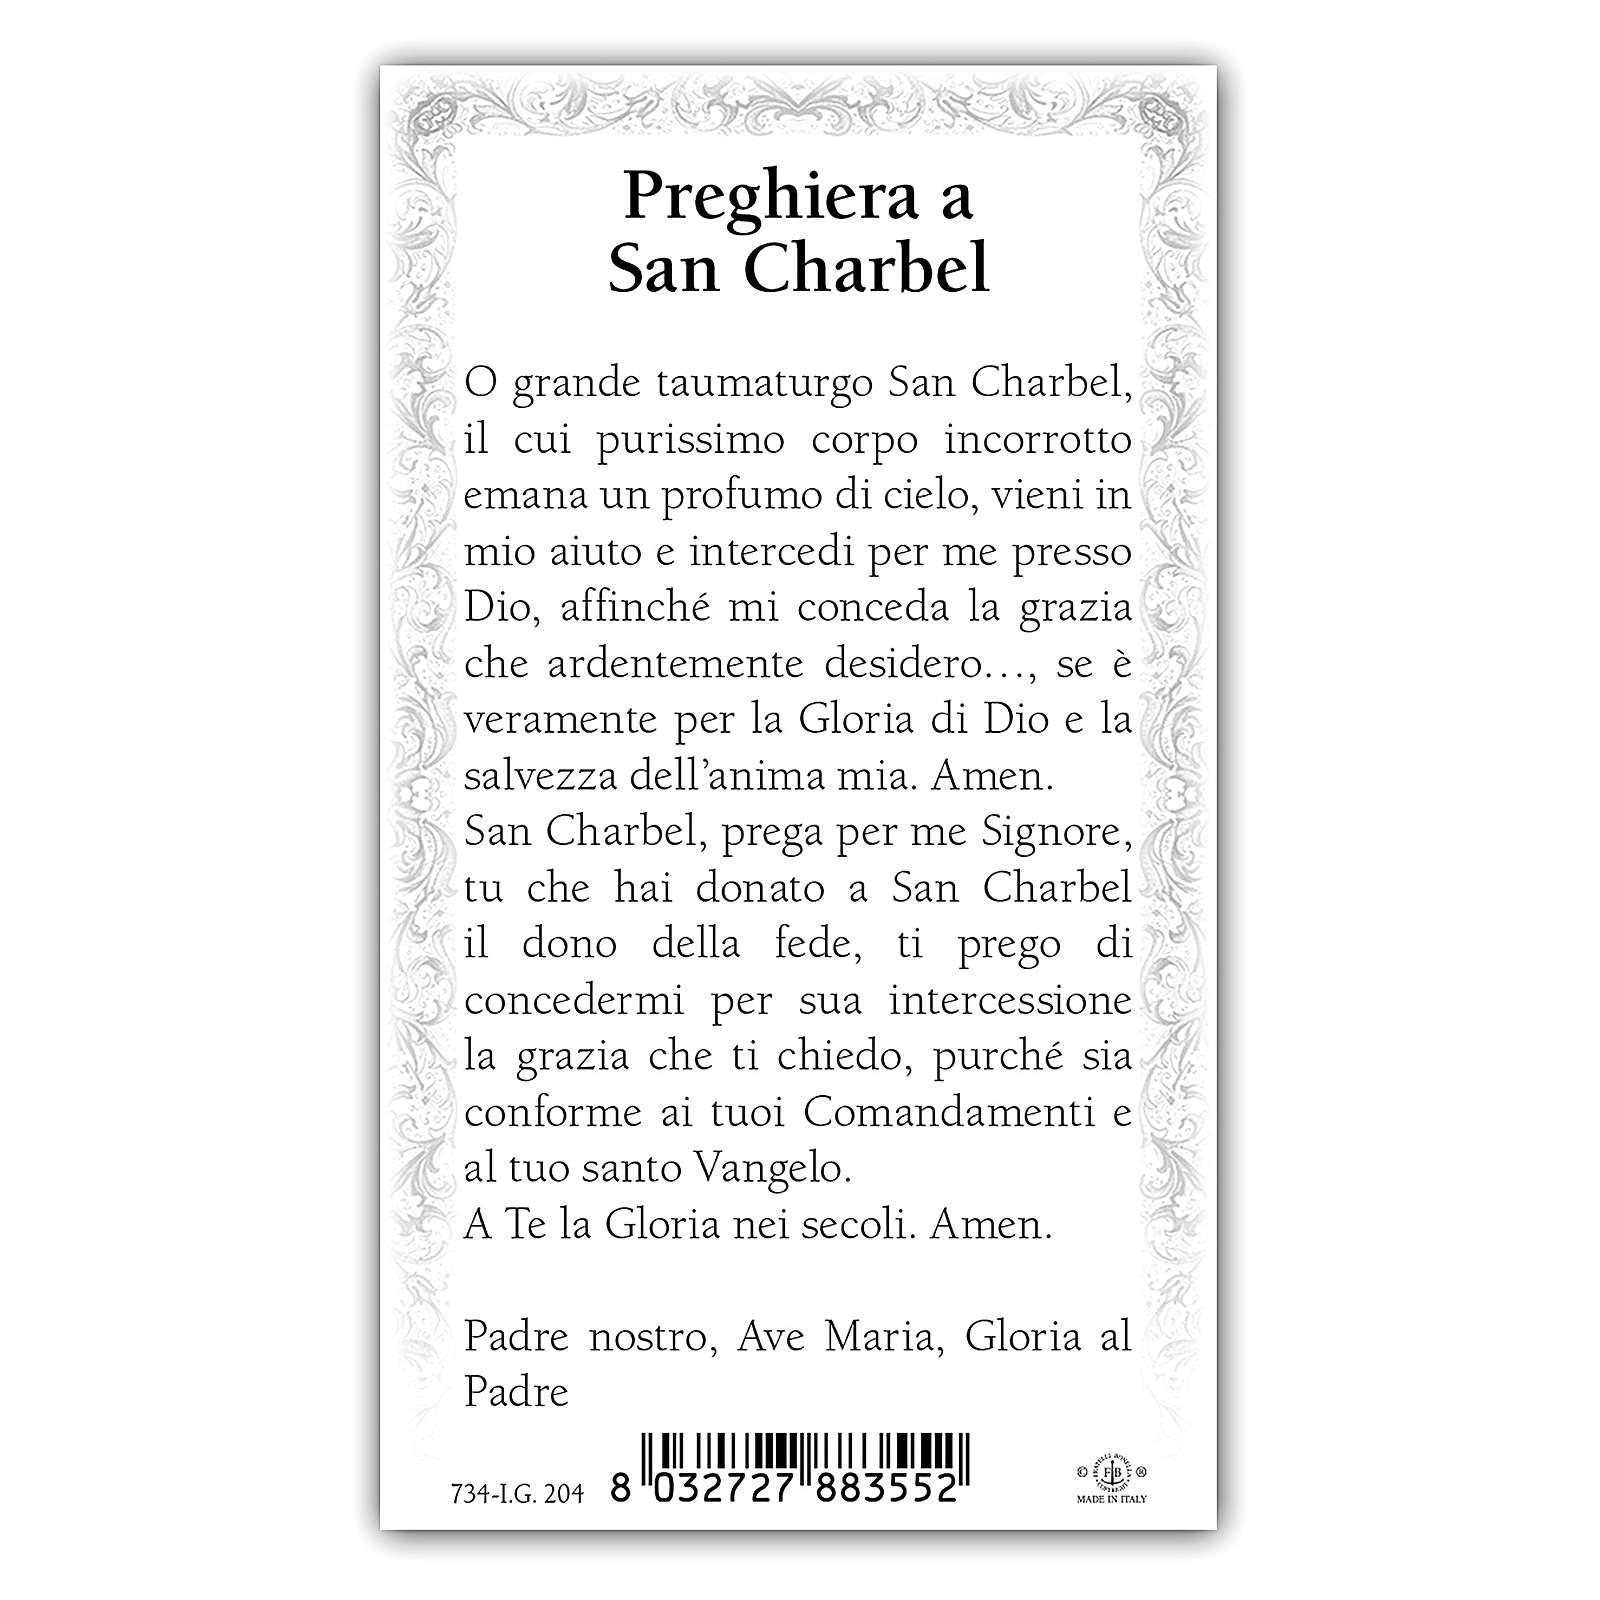 Estampa religiosa San Charbel 10x5 cm ITA 4